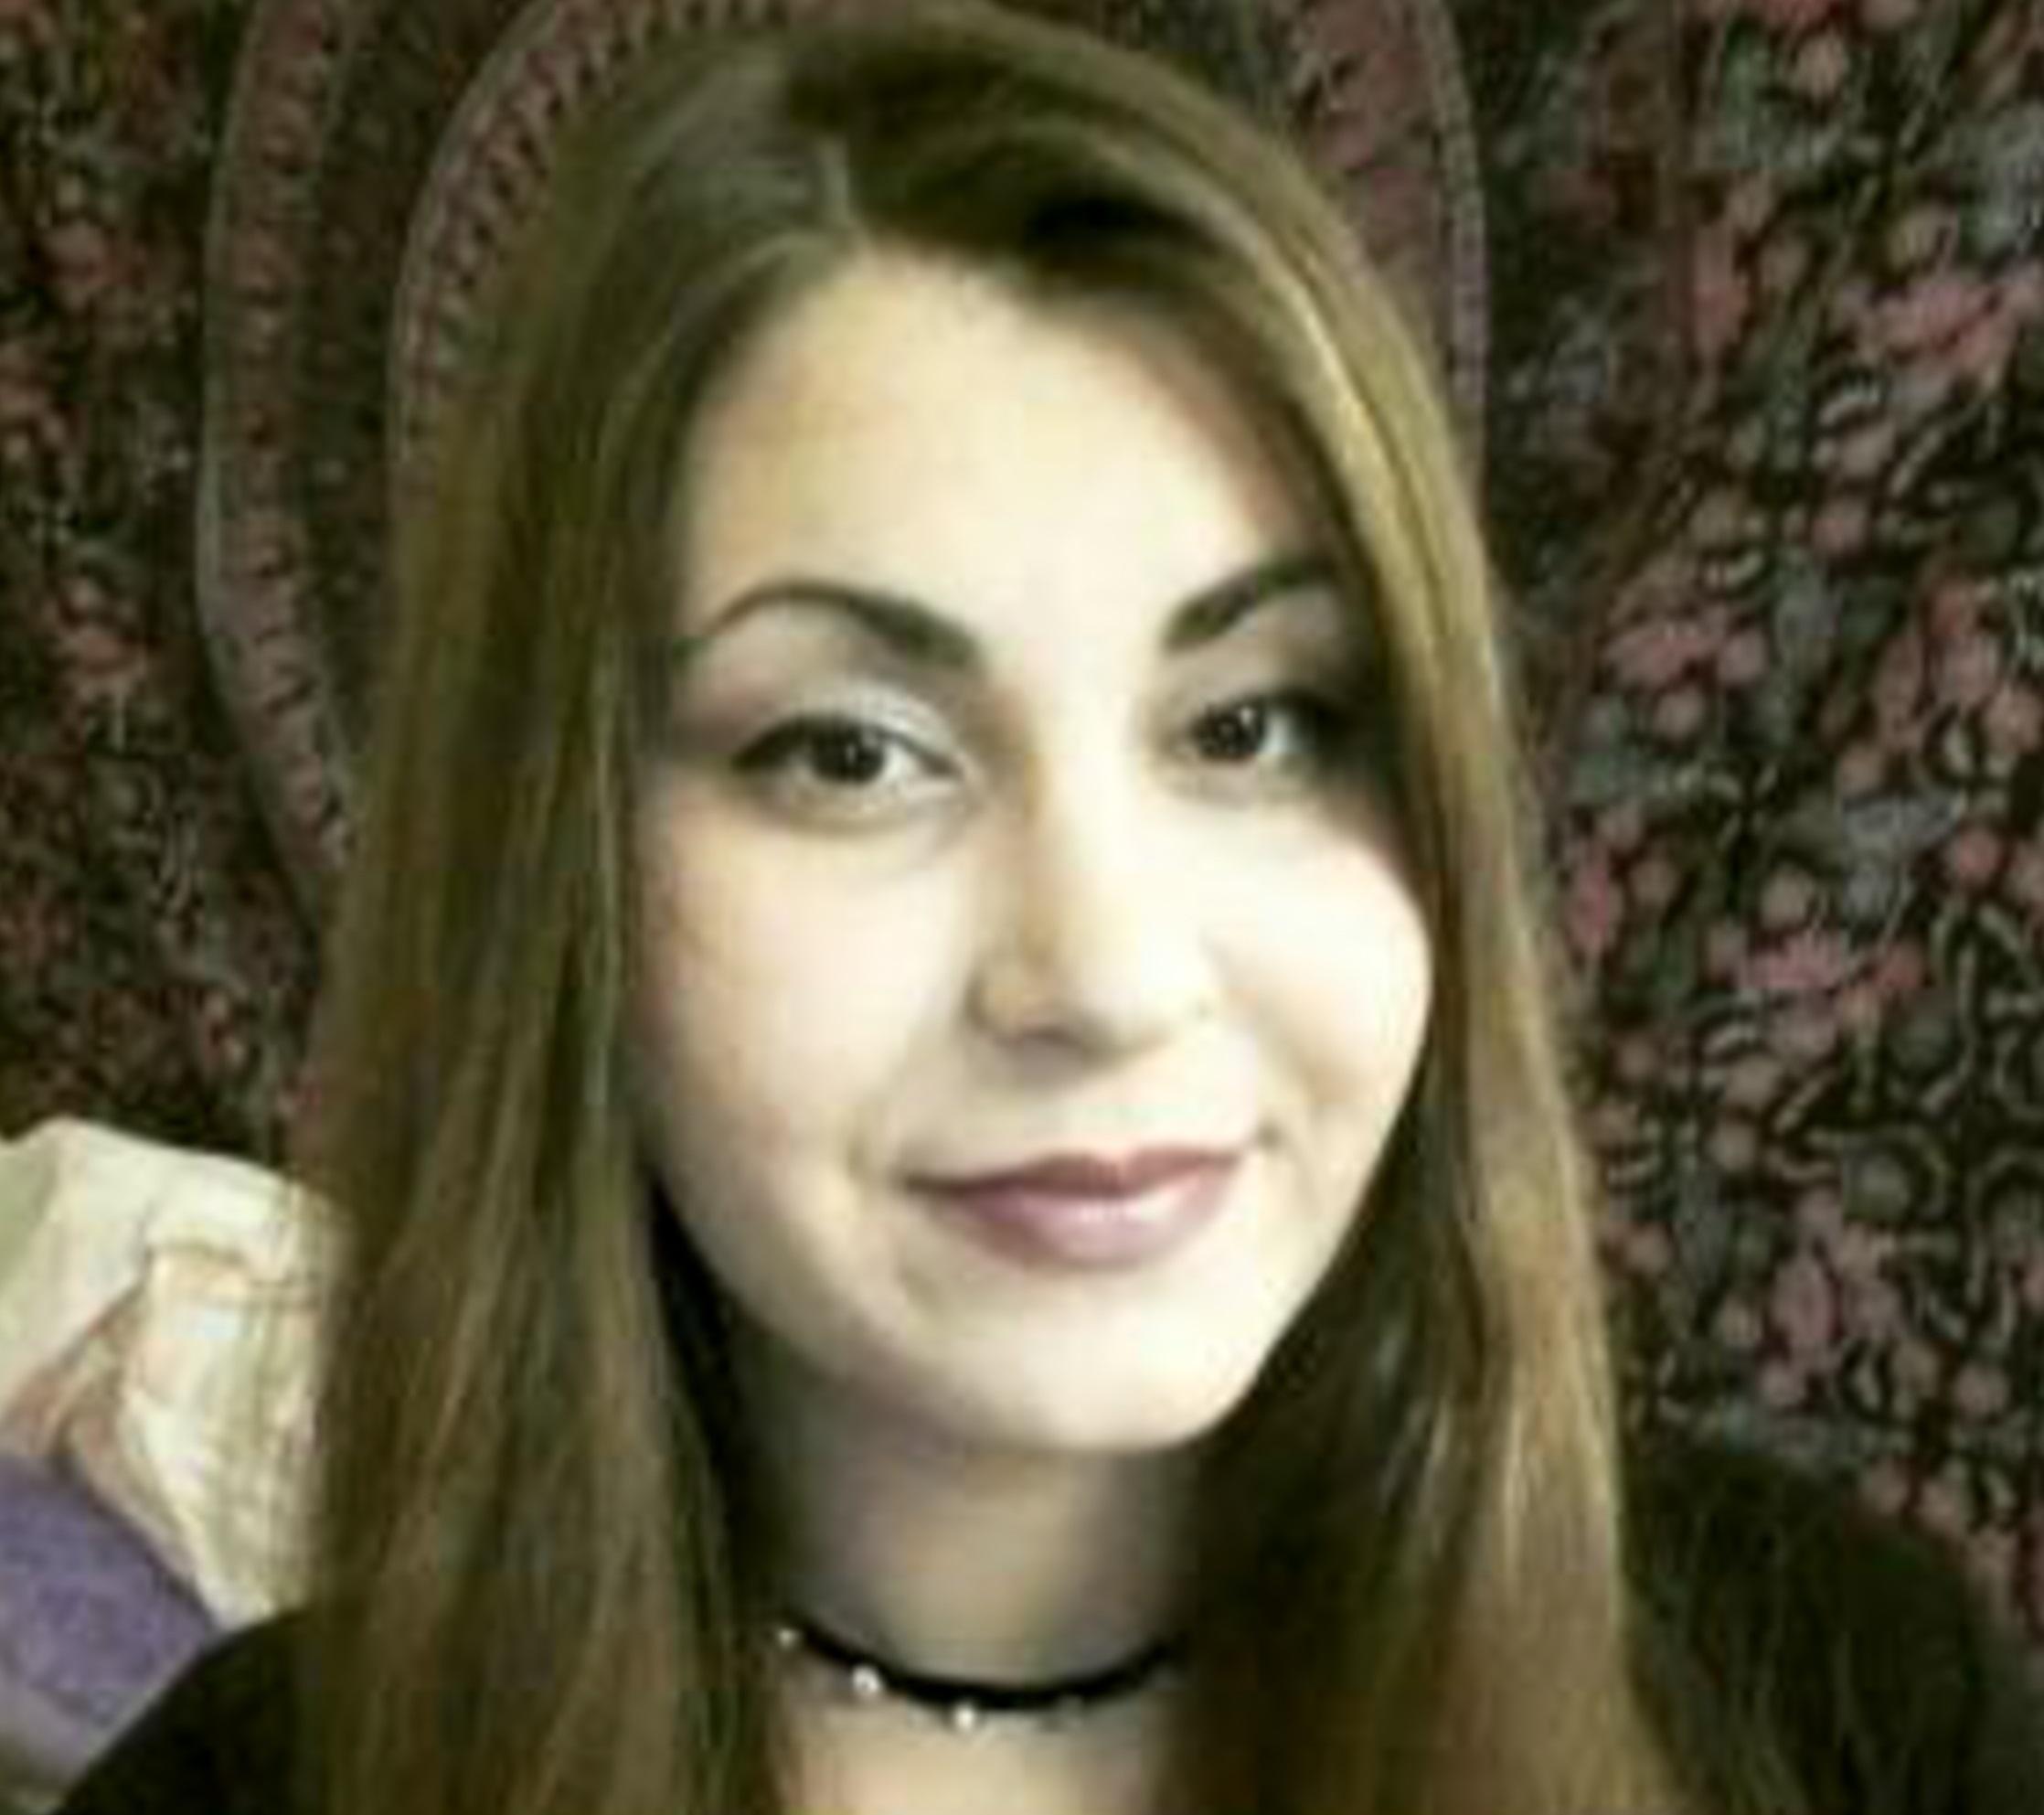 Ελένη Τοπαλούδη: Νέα στοιχεία για τη νύχτα της δολοφονίας – Η διαγραφή του Facebook και η σκοτεινή συνεννόηση – video